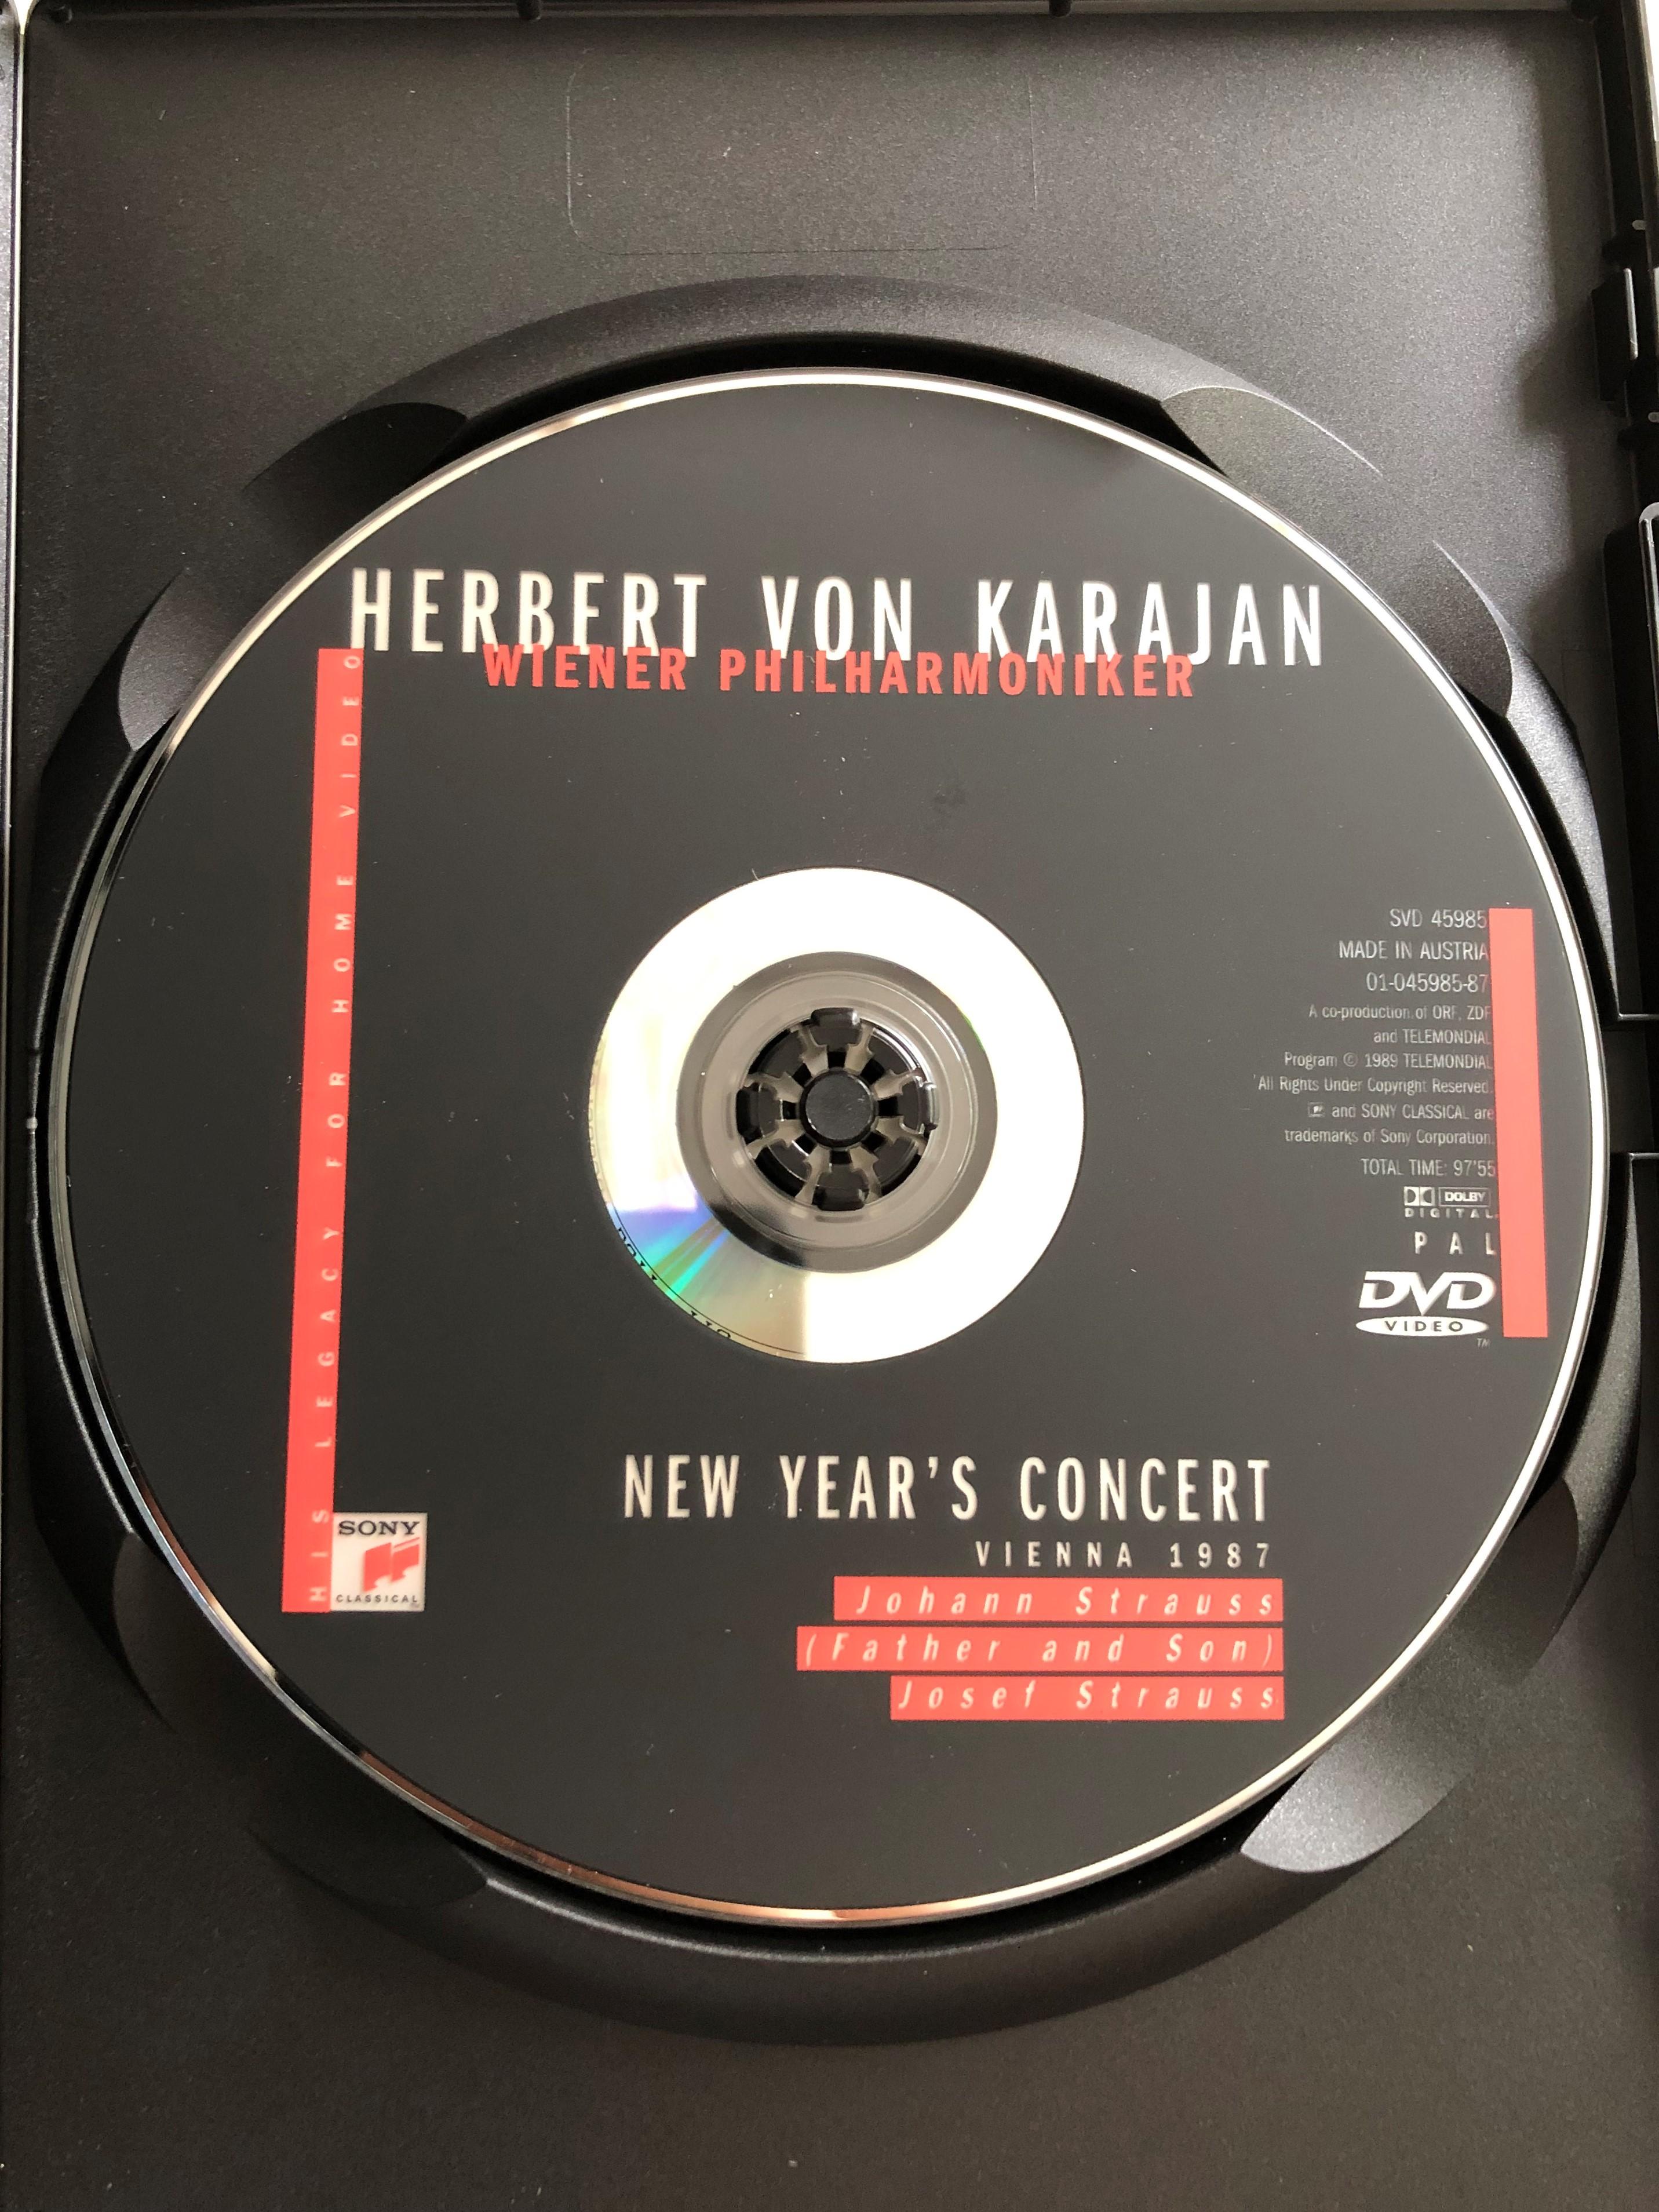 herbert-von-karajan-new-year-s-eve-concert-dvd-1987-wiener-philharmoniker-directed-by-gunter-hermanns-johann-strauss-father-and-son-josef-strauss-svd-45985-2-.jpg